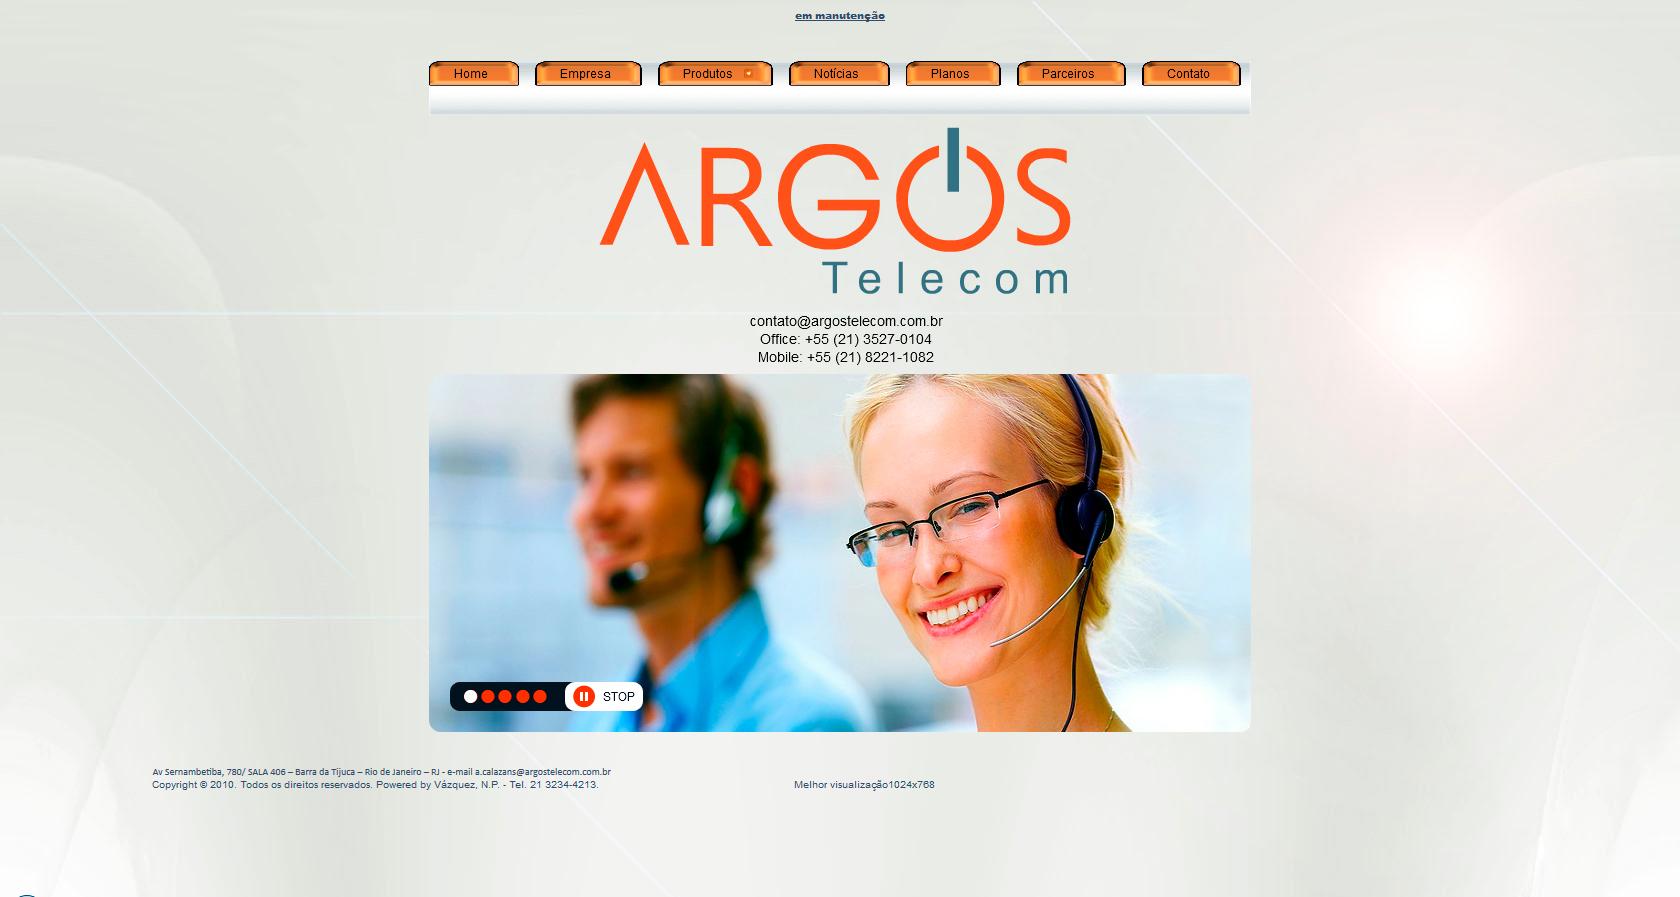 Argos Telecom